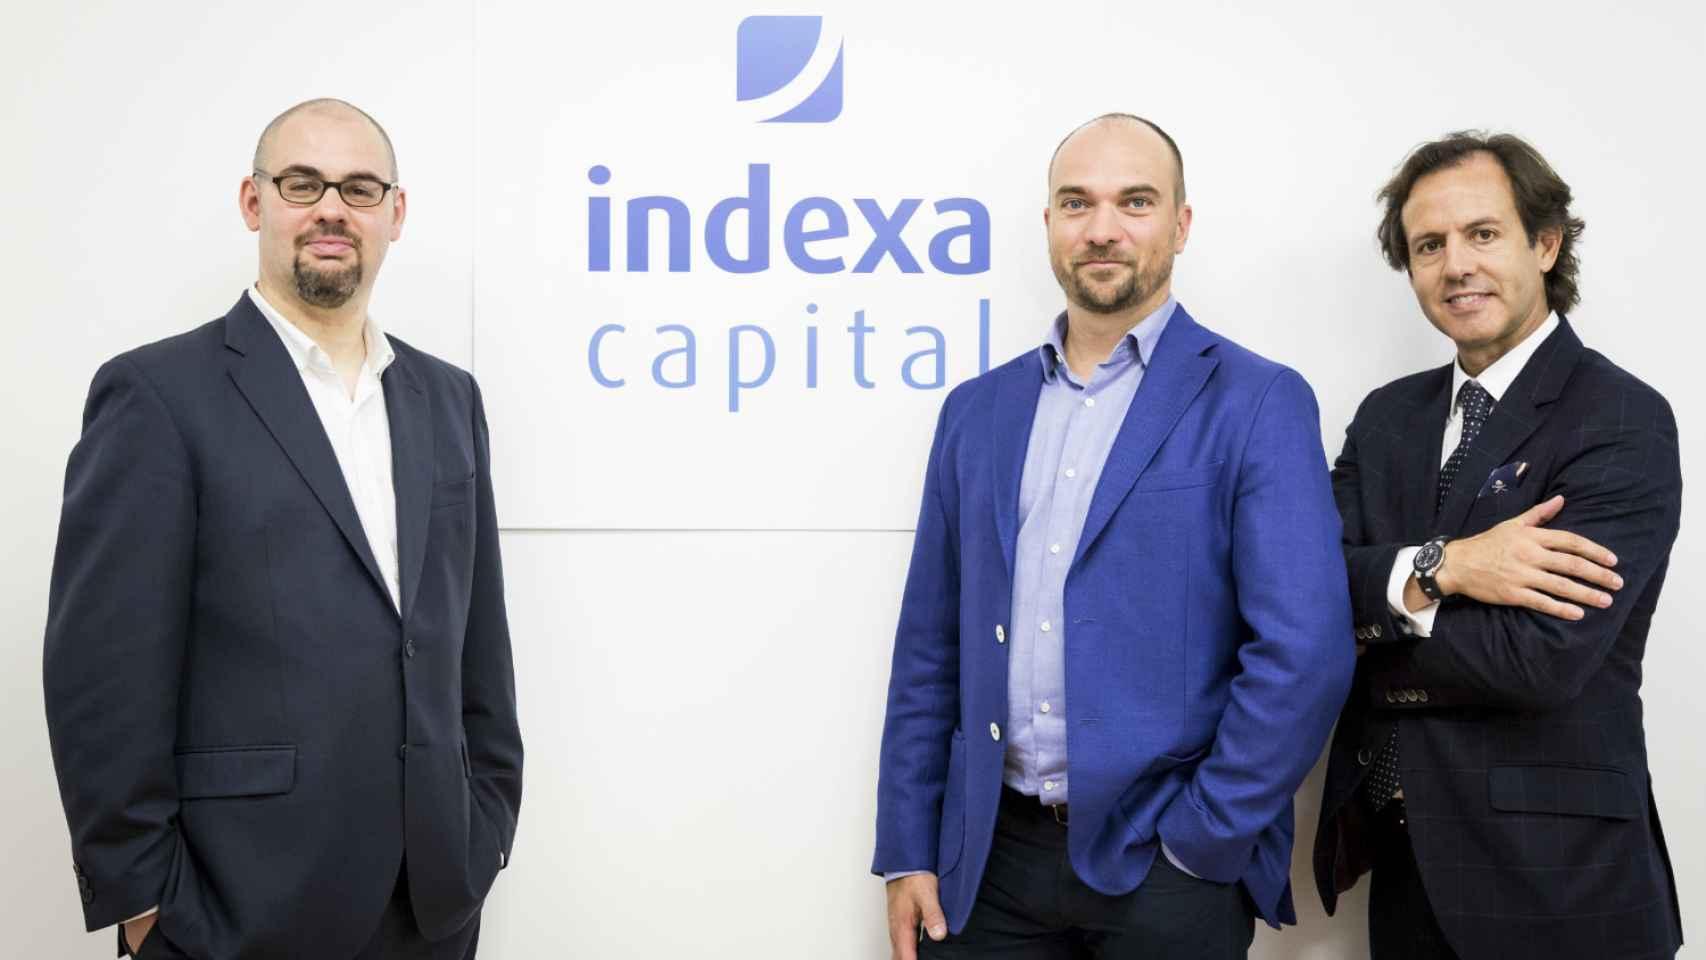 El equipo fundador de Indexa Capital.